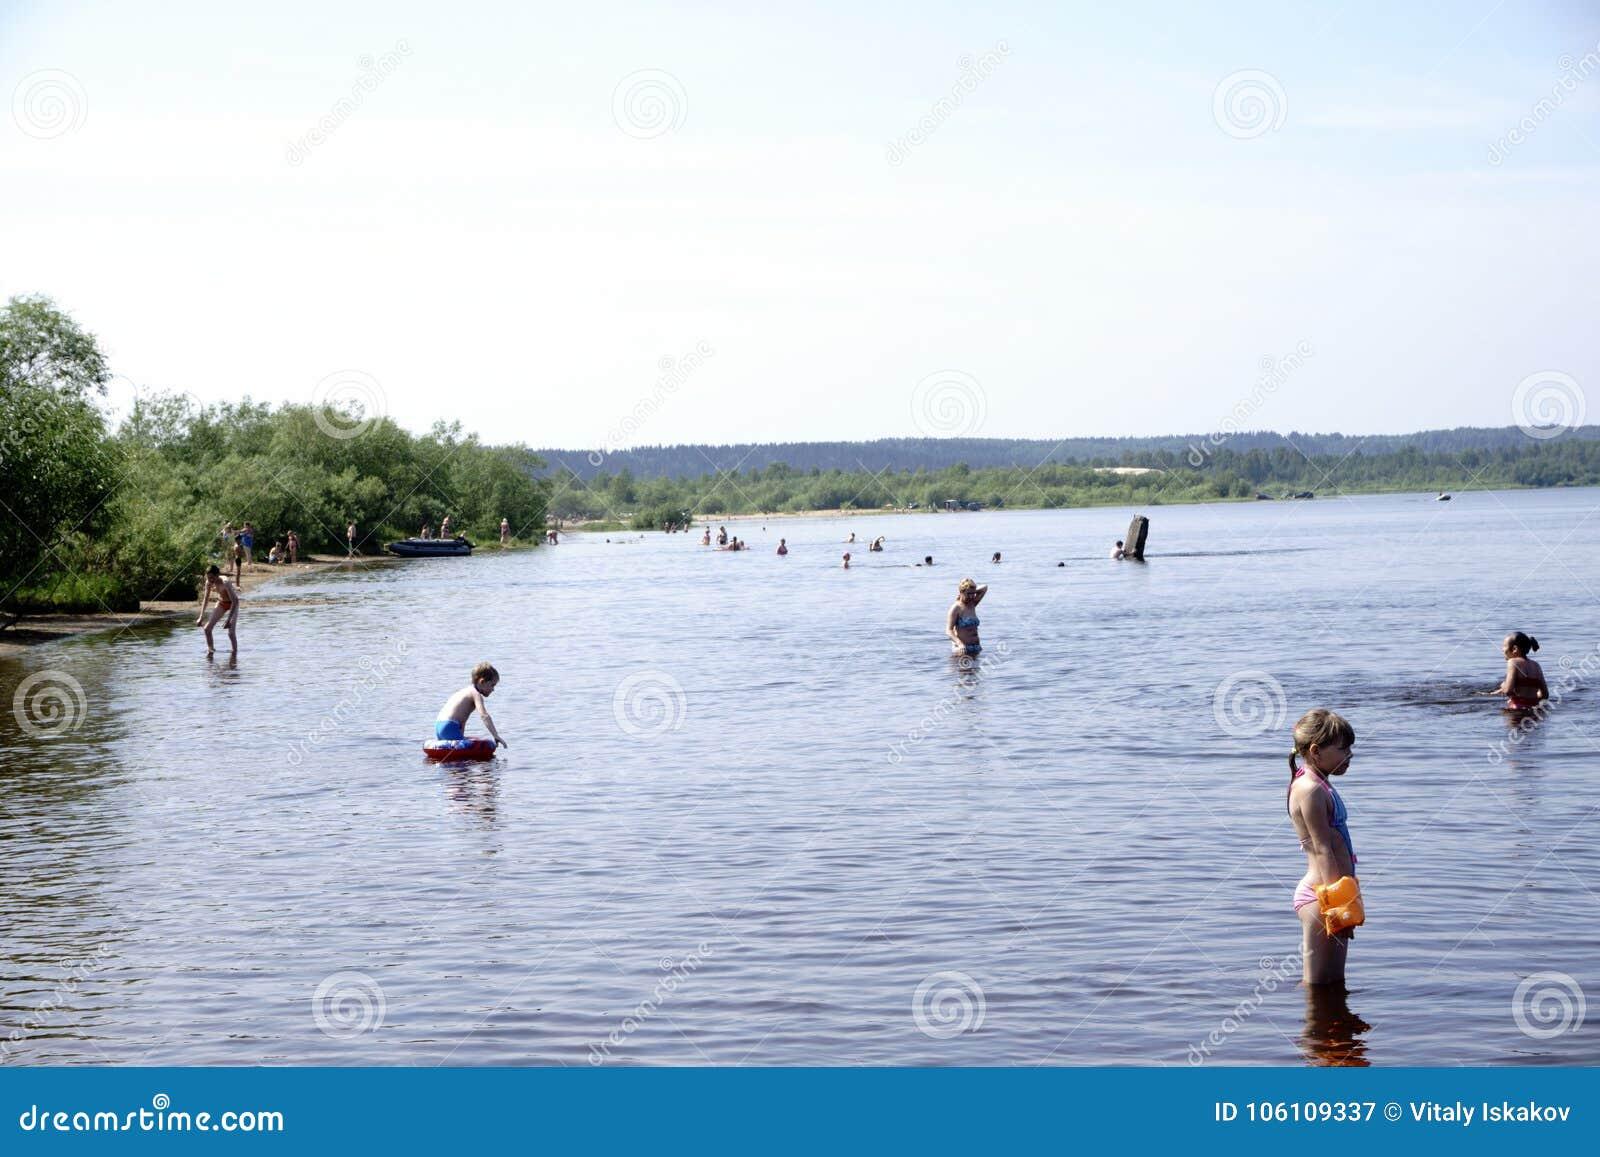 Rusland - Berezniki 18 Juli: de jongeren springt in de rivier bij zonsondergang